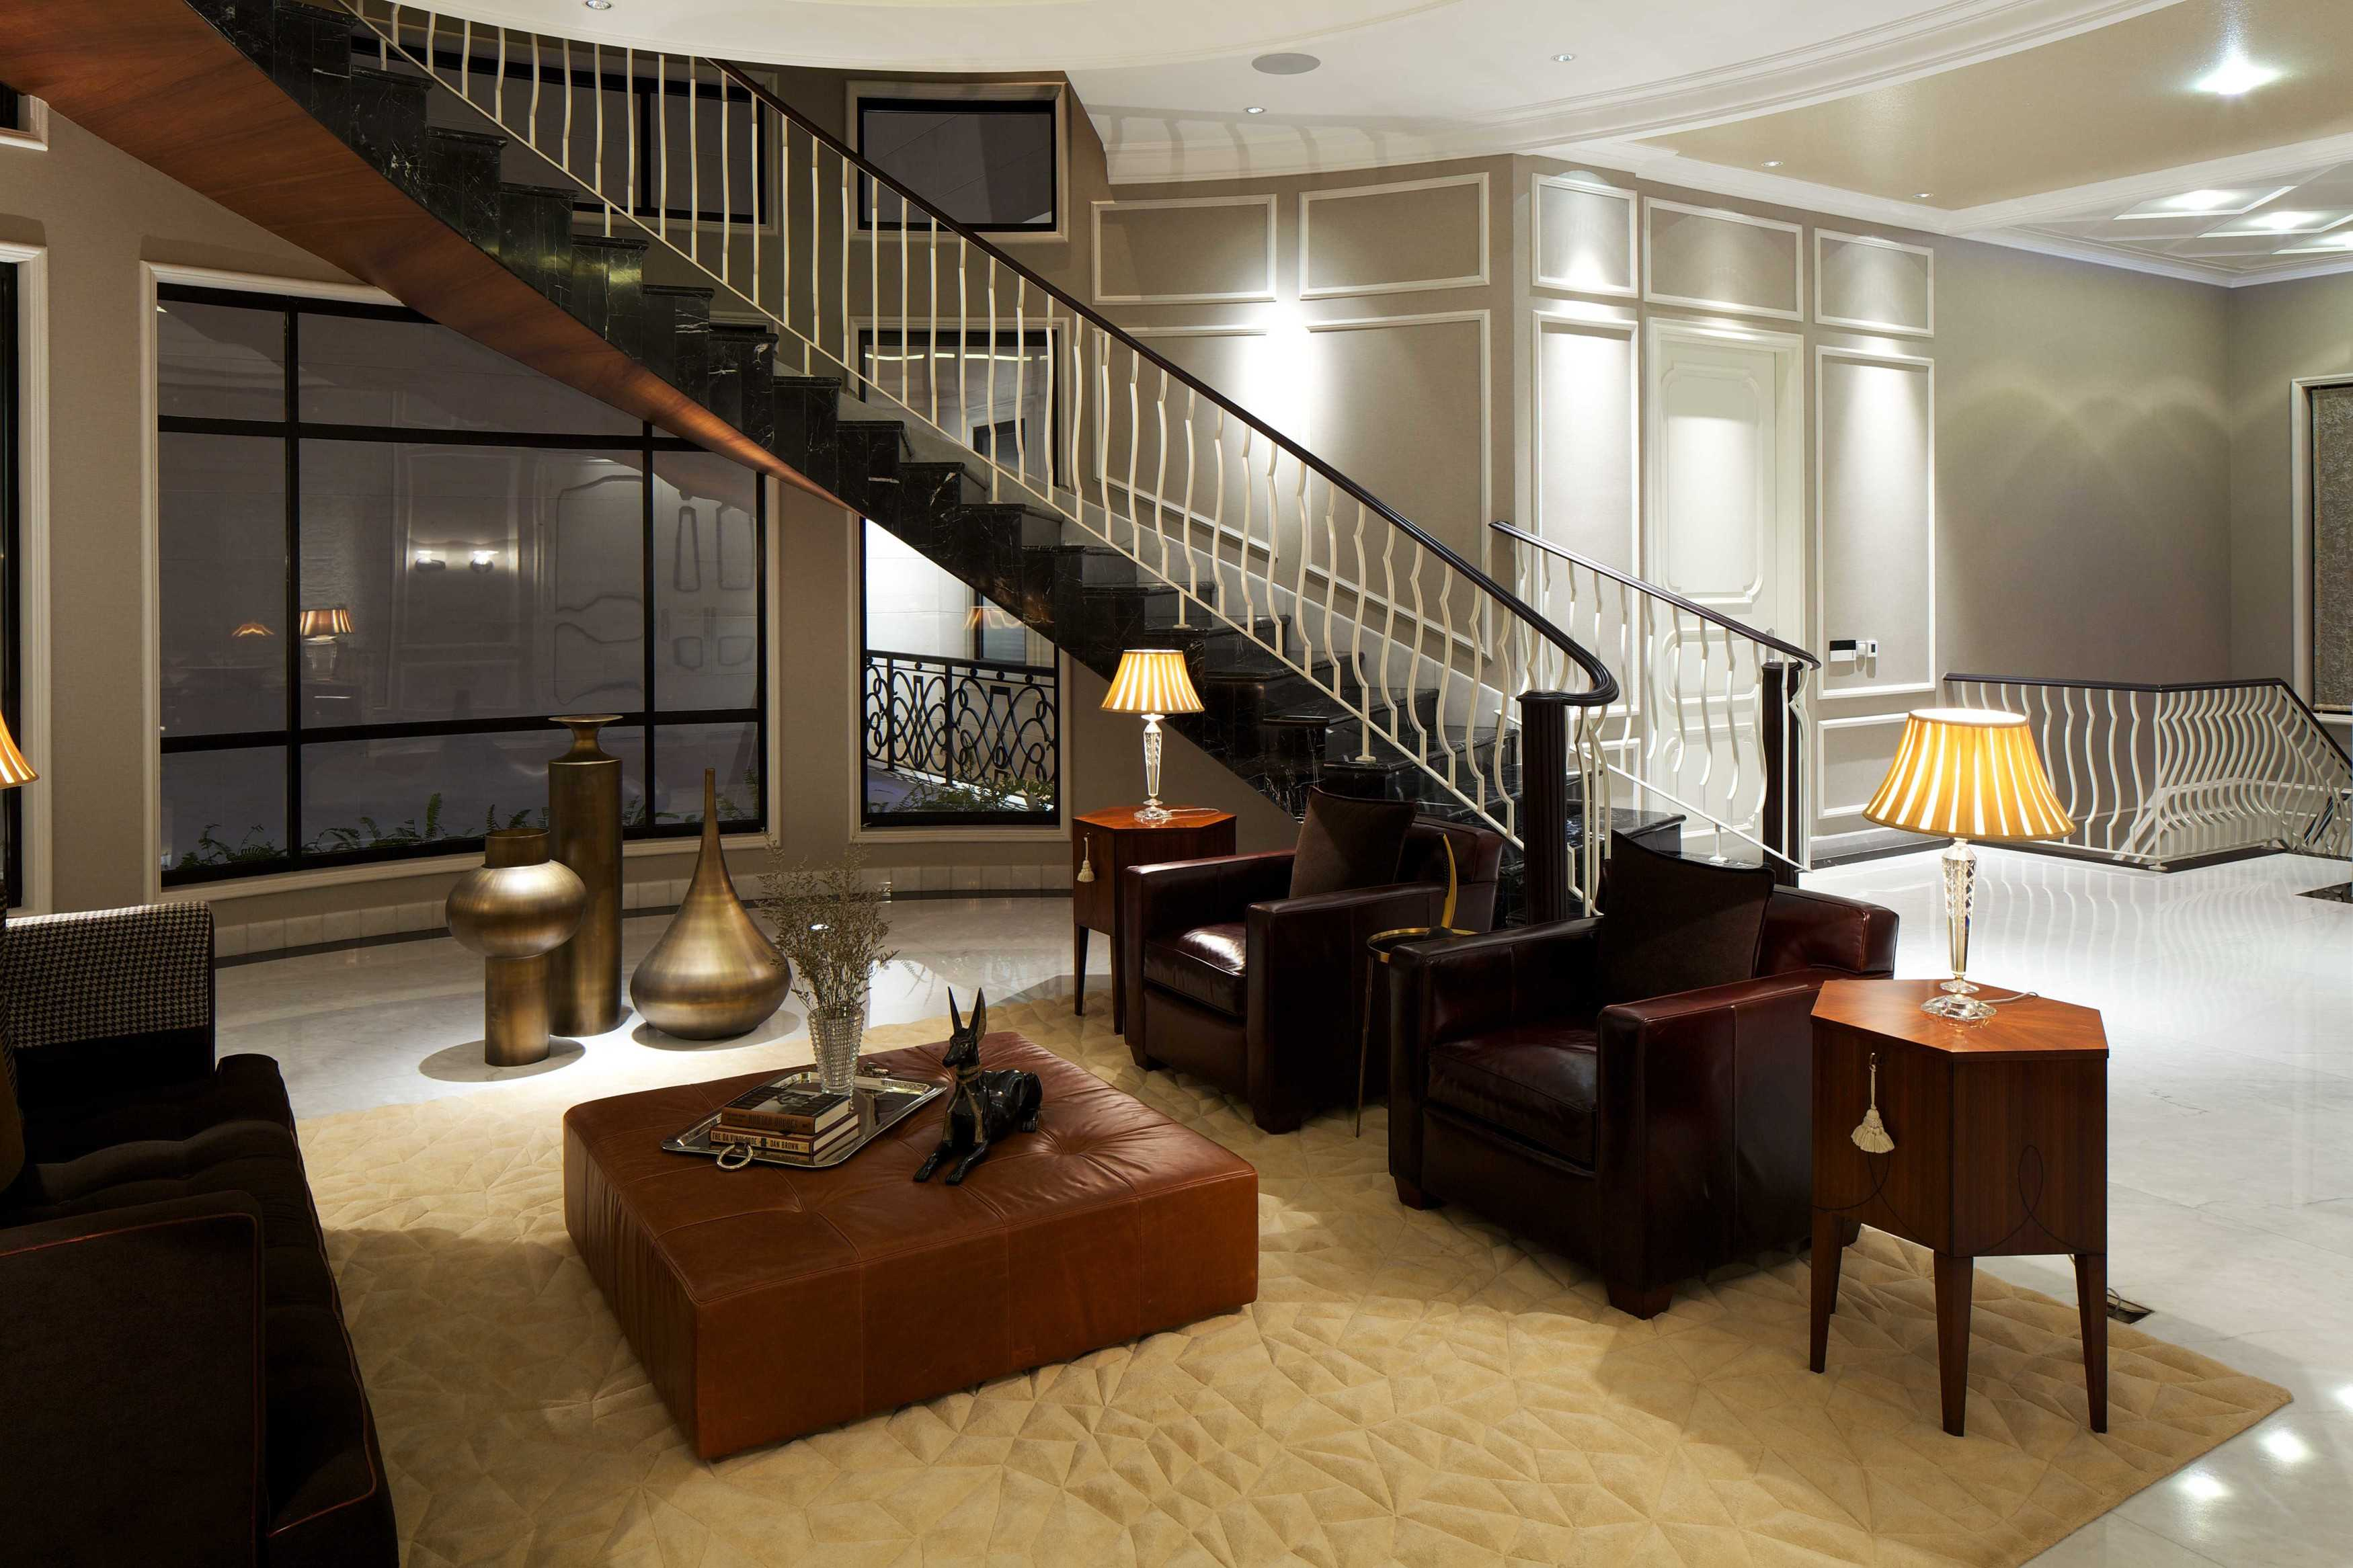 Vin•da•te Mayang Permai Residence Pantai Indah Kapuk - North Jakarta Pantai Indah Kapuk - North Jakarta Guest Room Kontemporer  17146